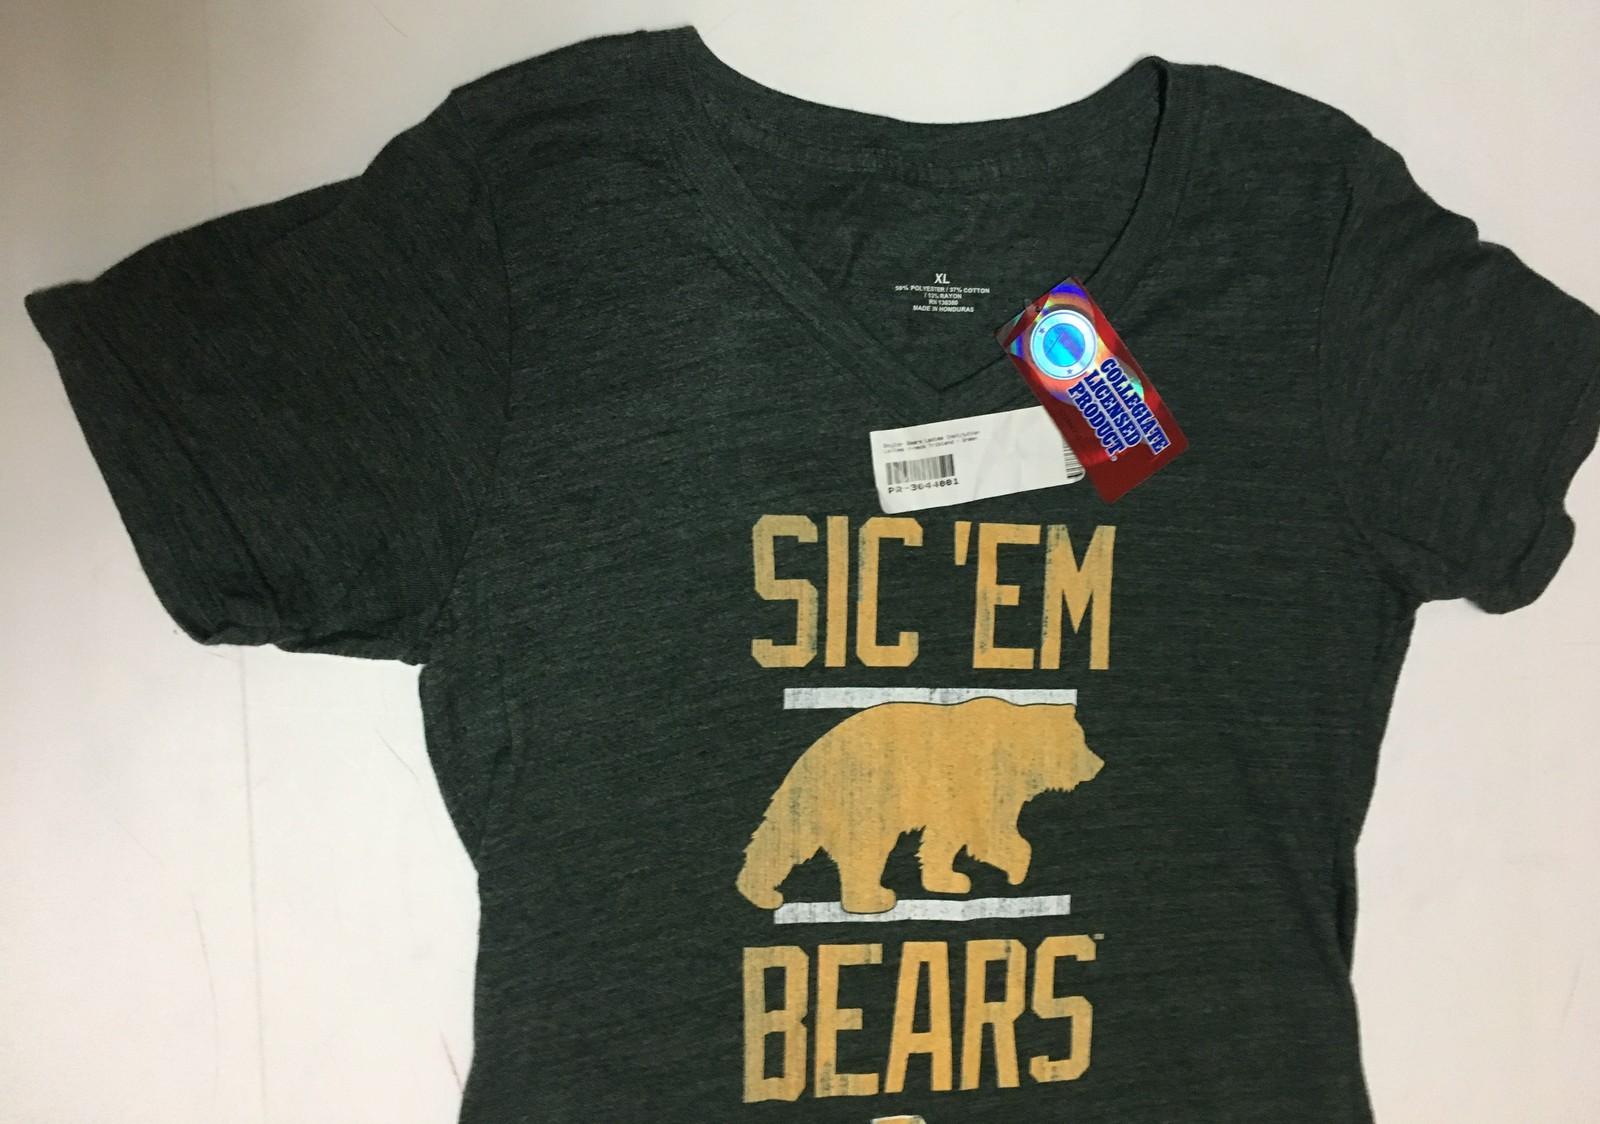 Baylor Bears Collegiate Women's T-Shirt V-Neck Top Sz XL Green